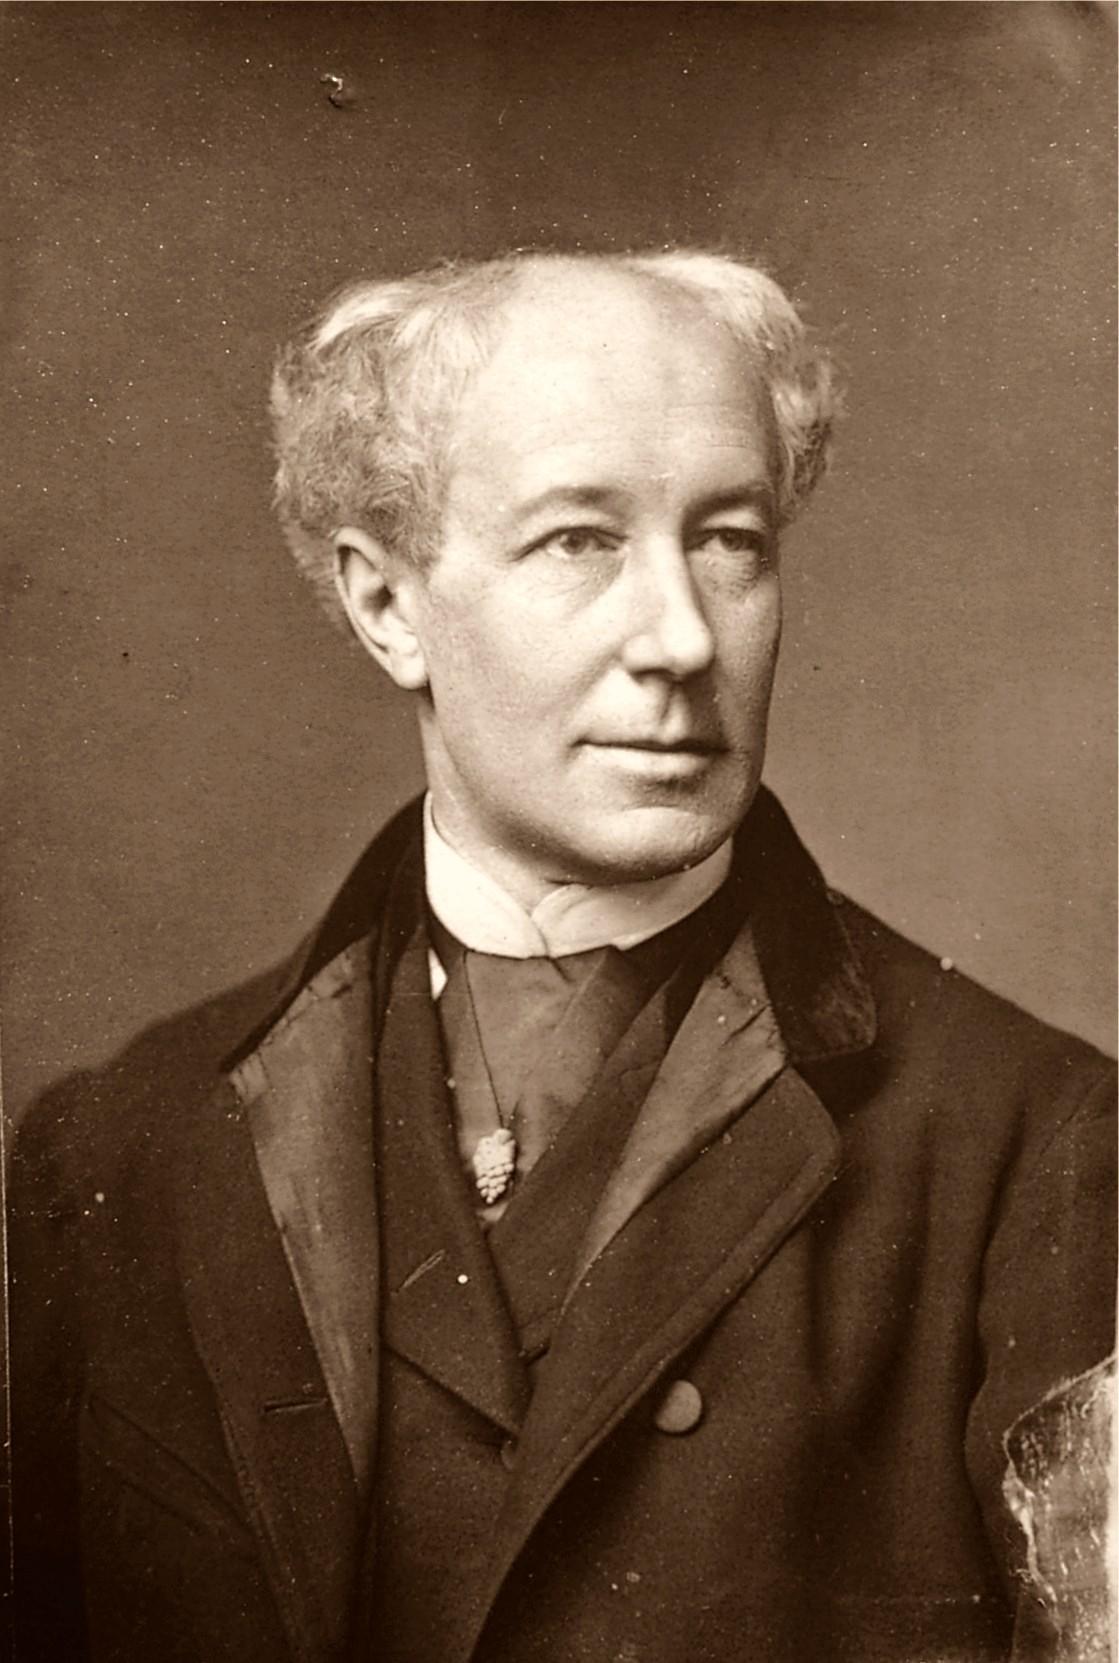 William Farren Jr